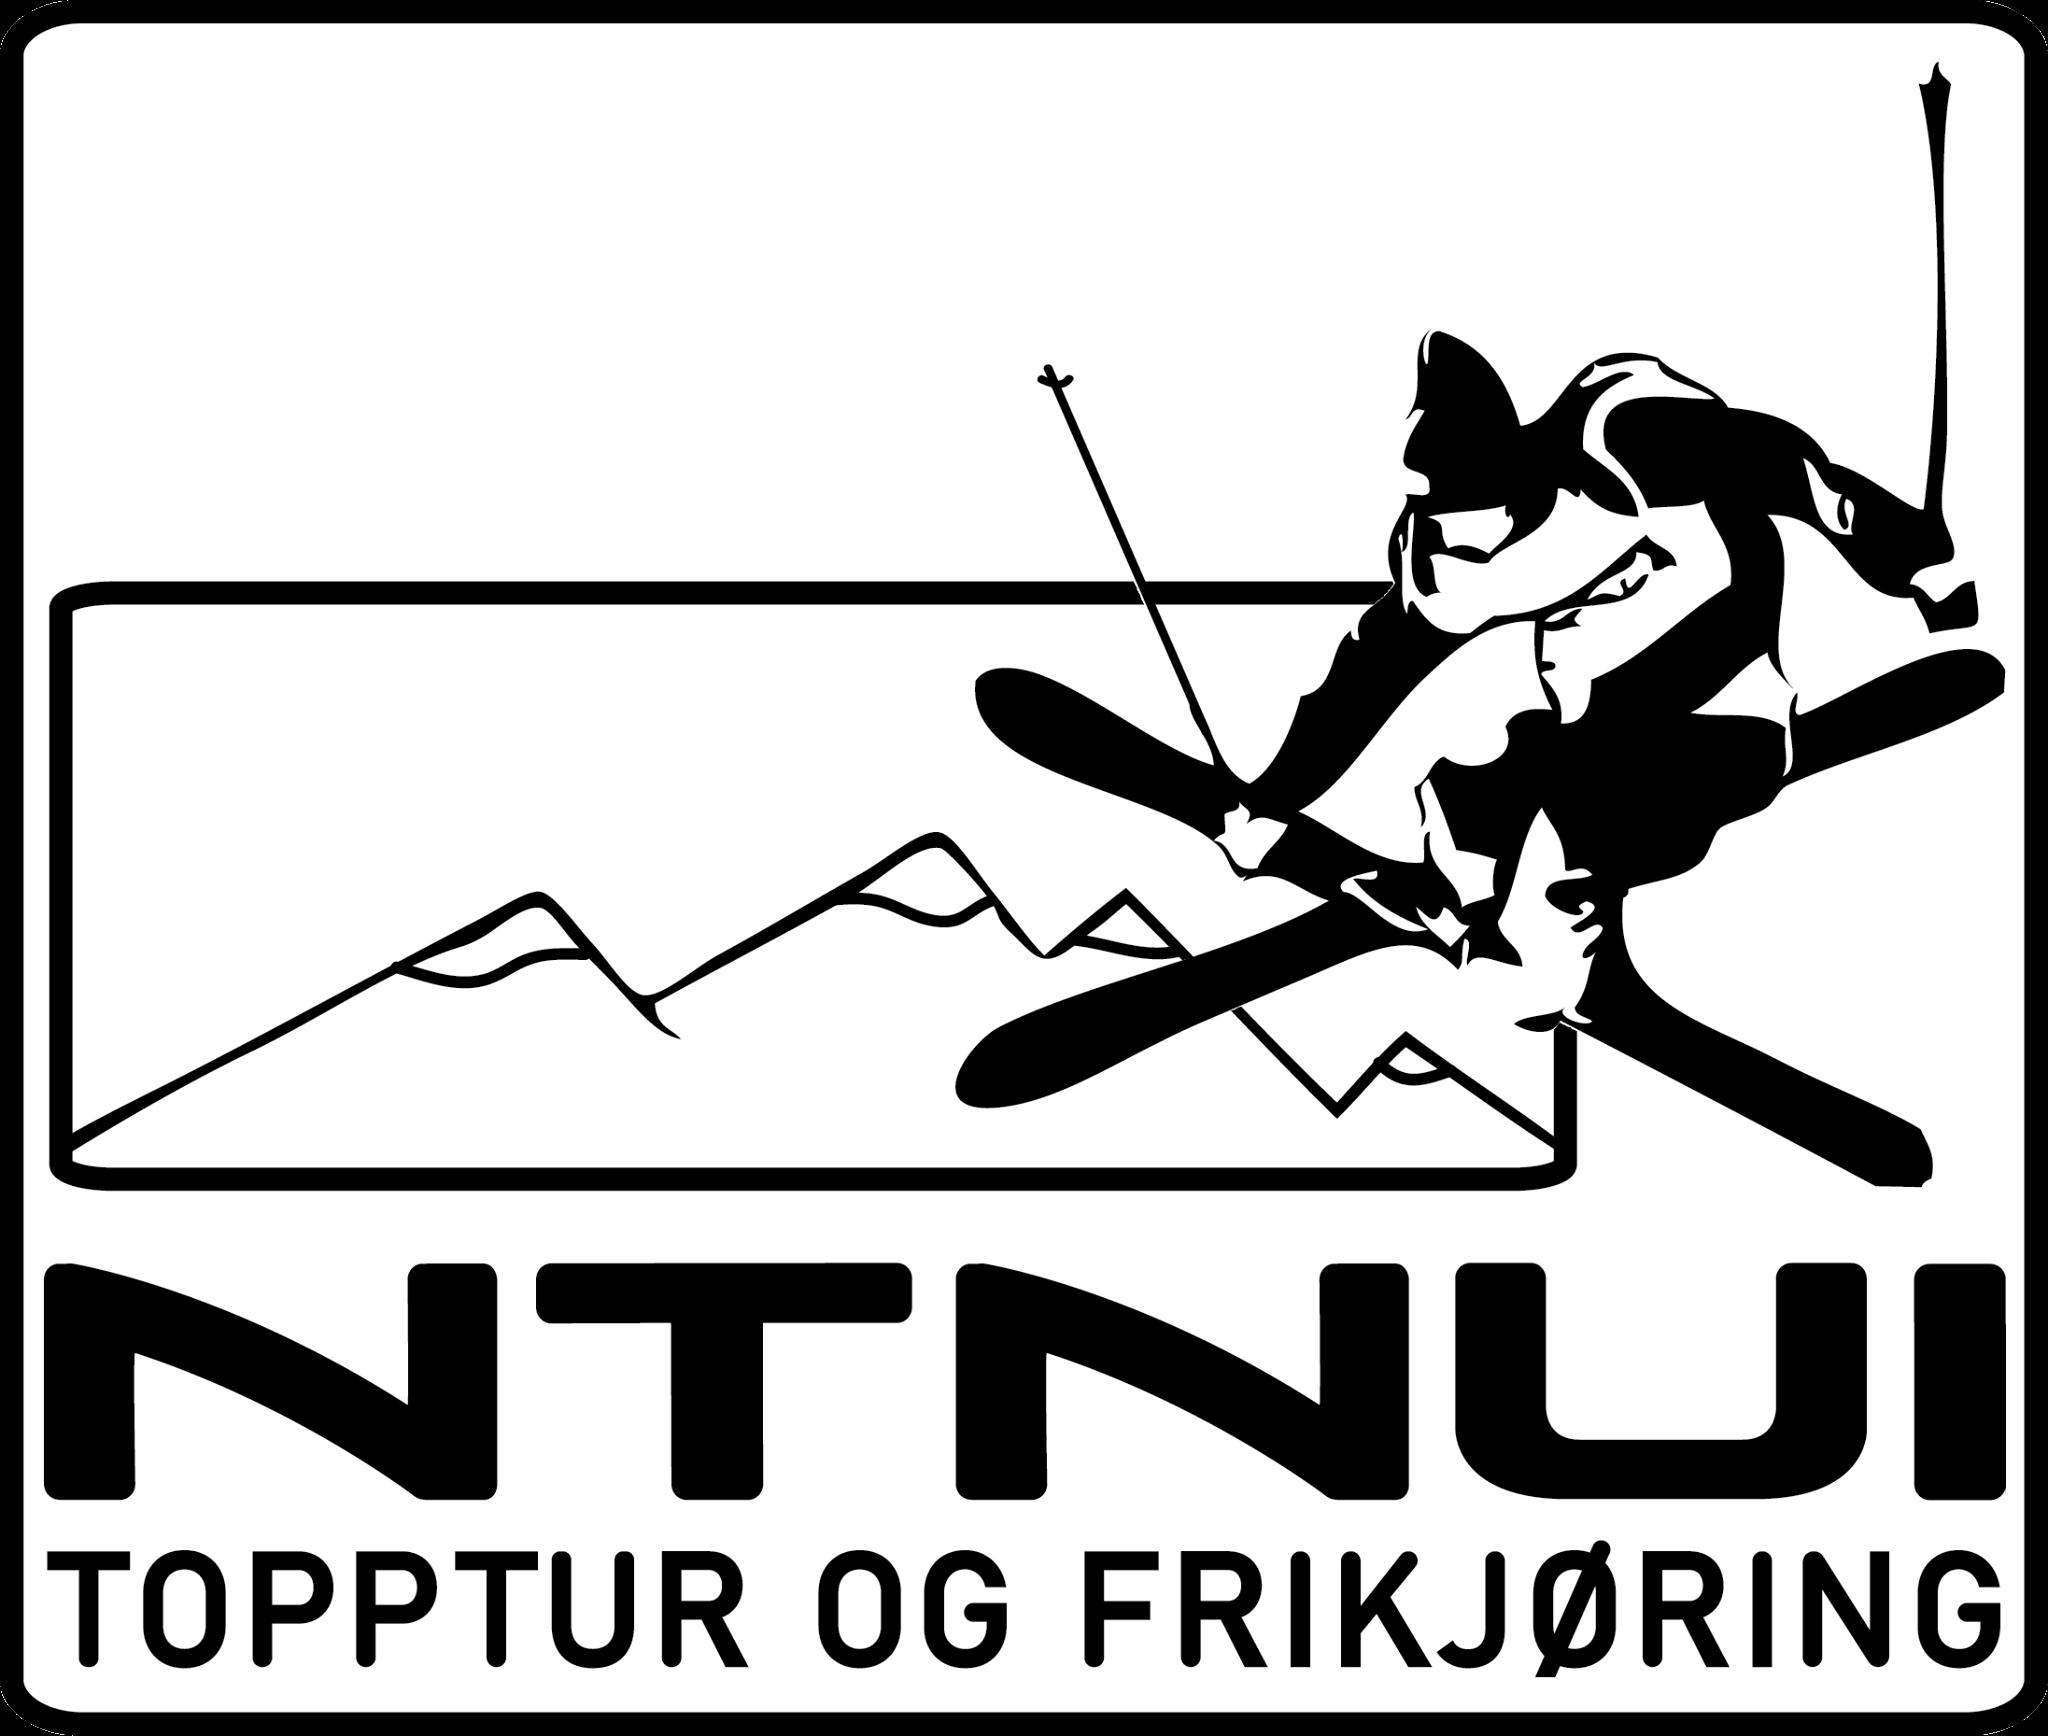 Topptur og Frikjøring